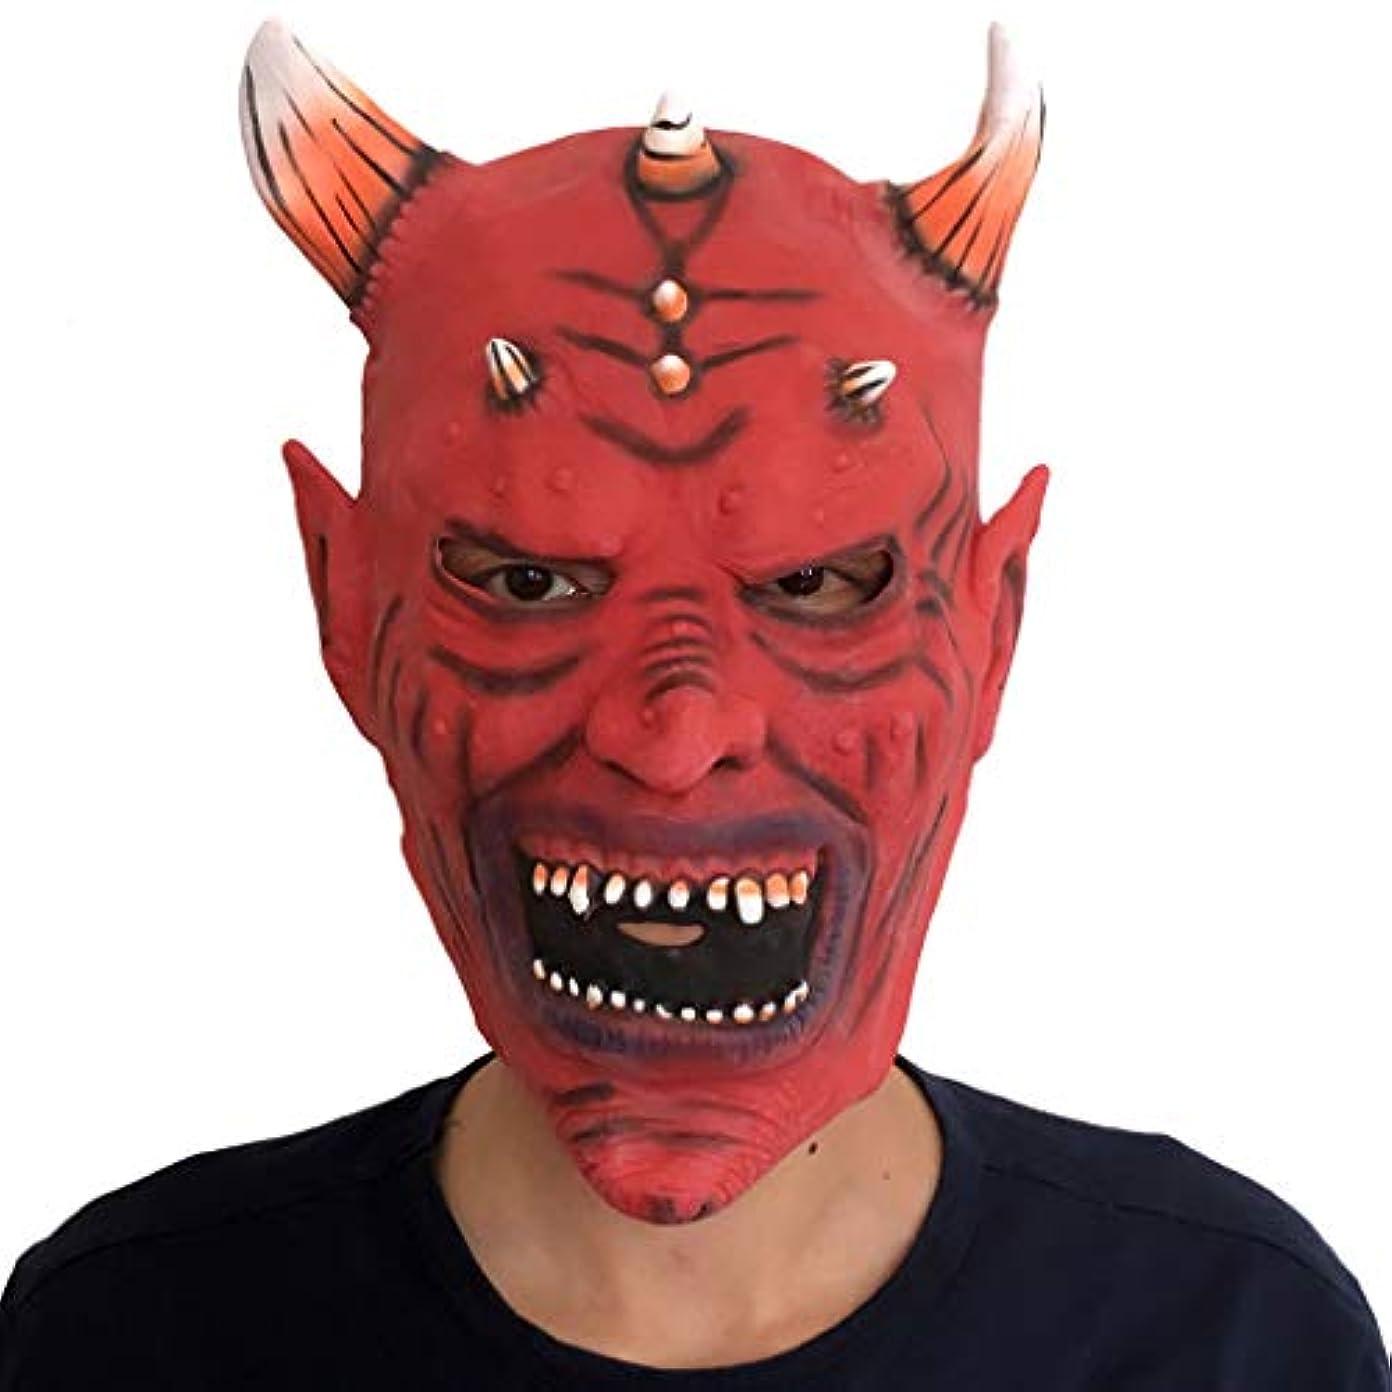 写真を描くスクラップスーツケースハロウィーンホラーマスク牛悪魔マスクヘッドギアトリッキー仮装ブラックロングヘア悪魔マスクかぶと (Color : B)